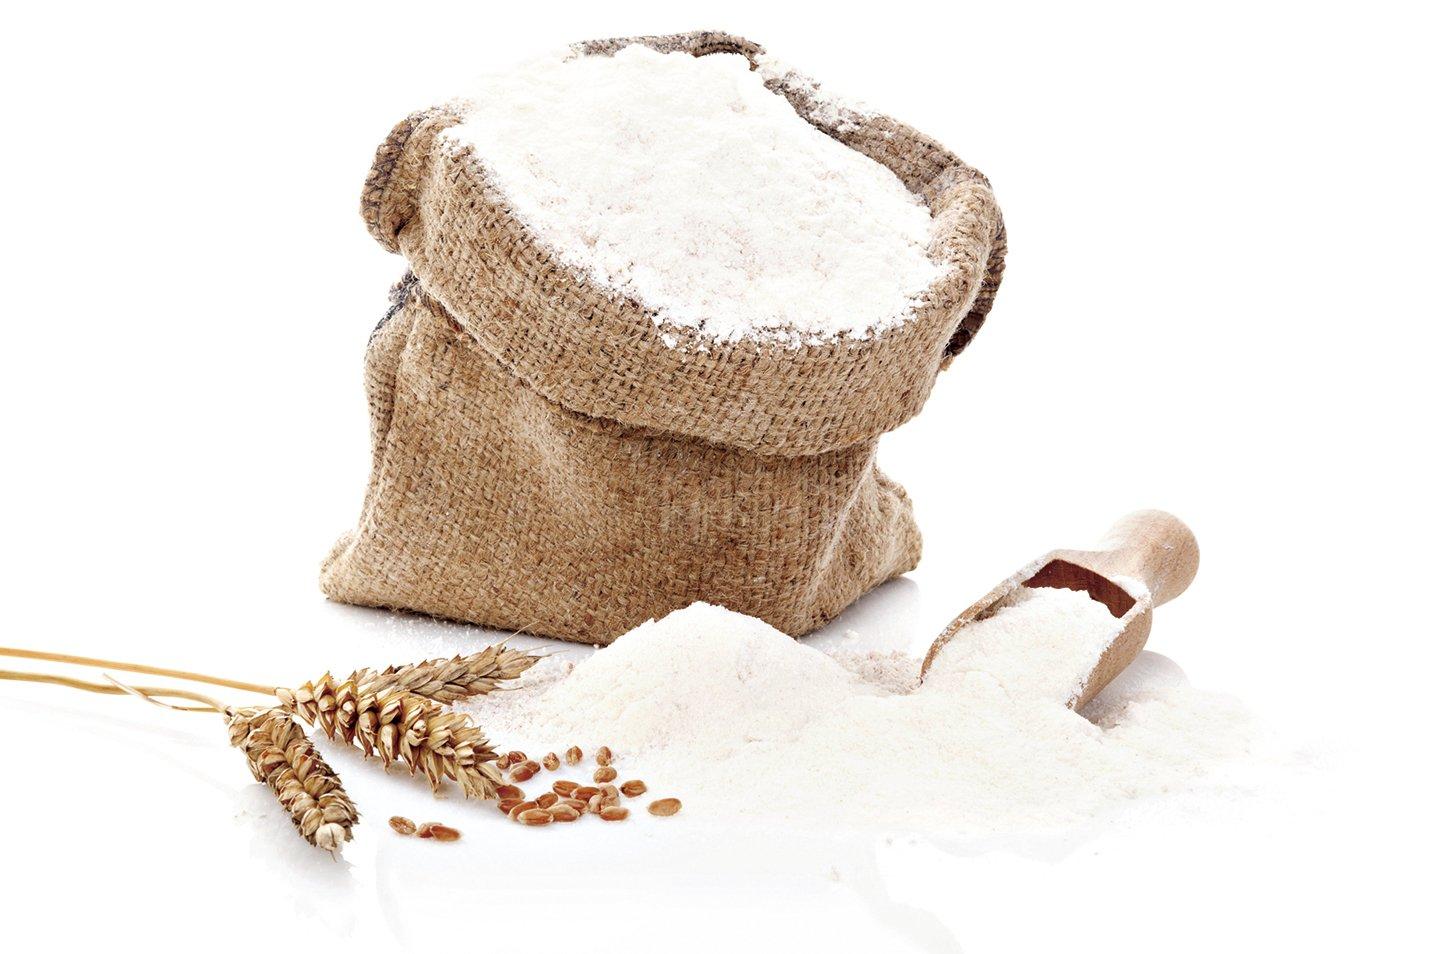 選擇麵粉盡量以安全健康為考慮。